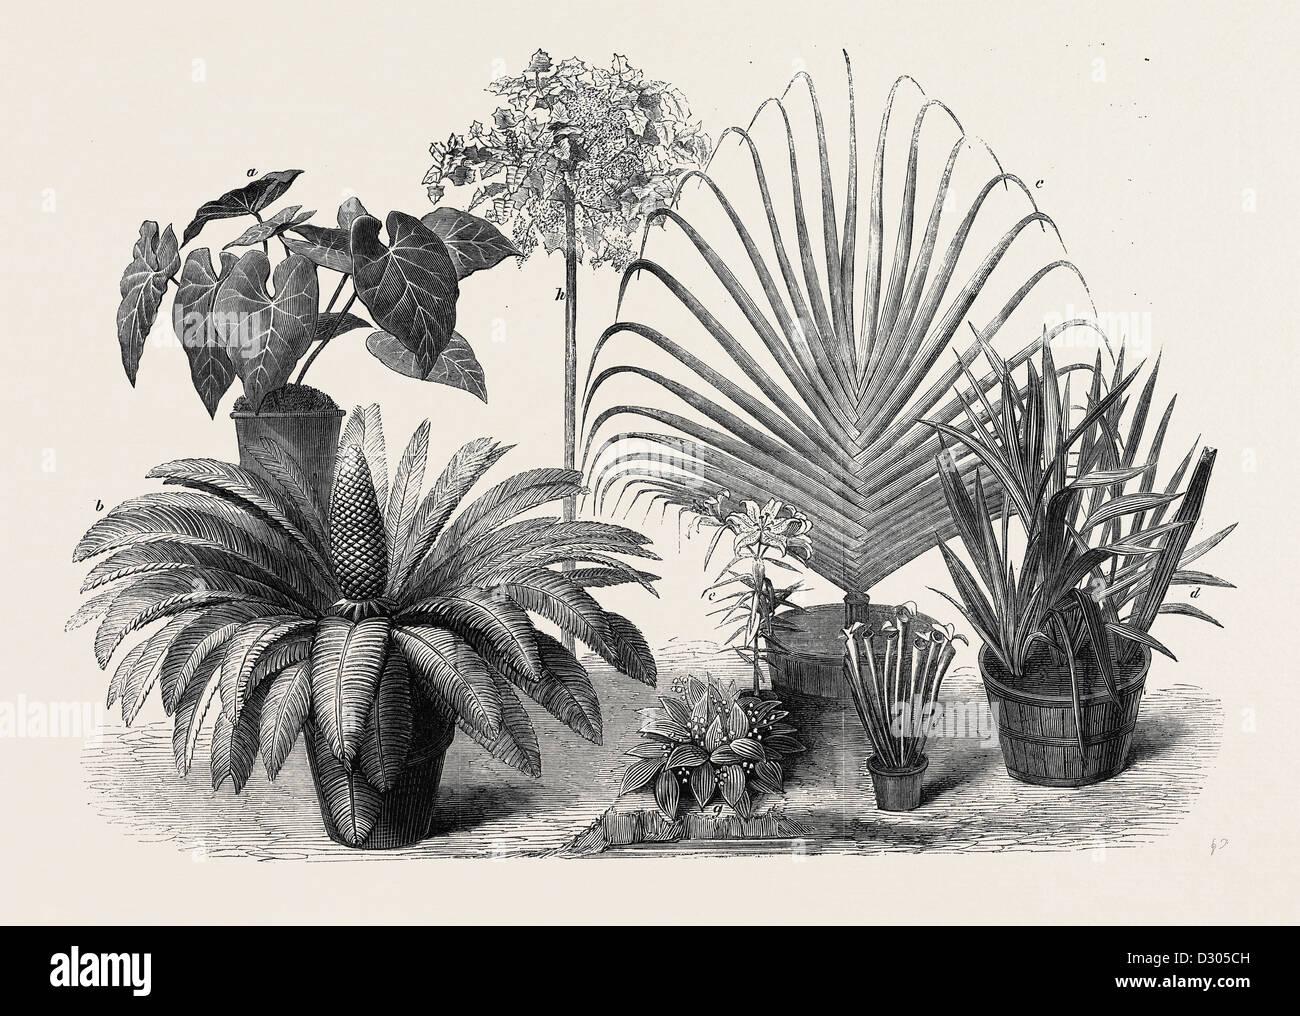 Gruppo di piante rare al fine internazionale mostra orticola SOUTH KENSINGTON LONDON REGNO UNITO 1866 Immagini Stock